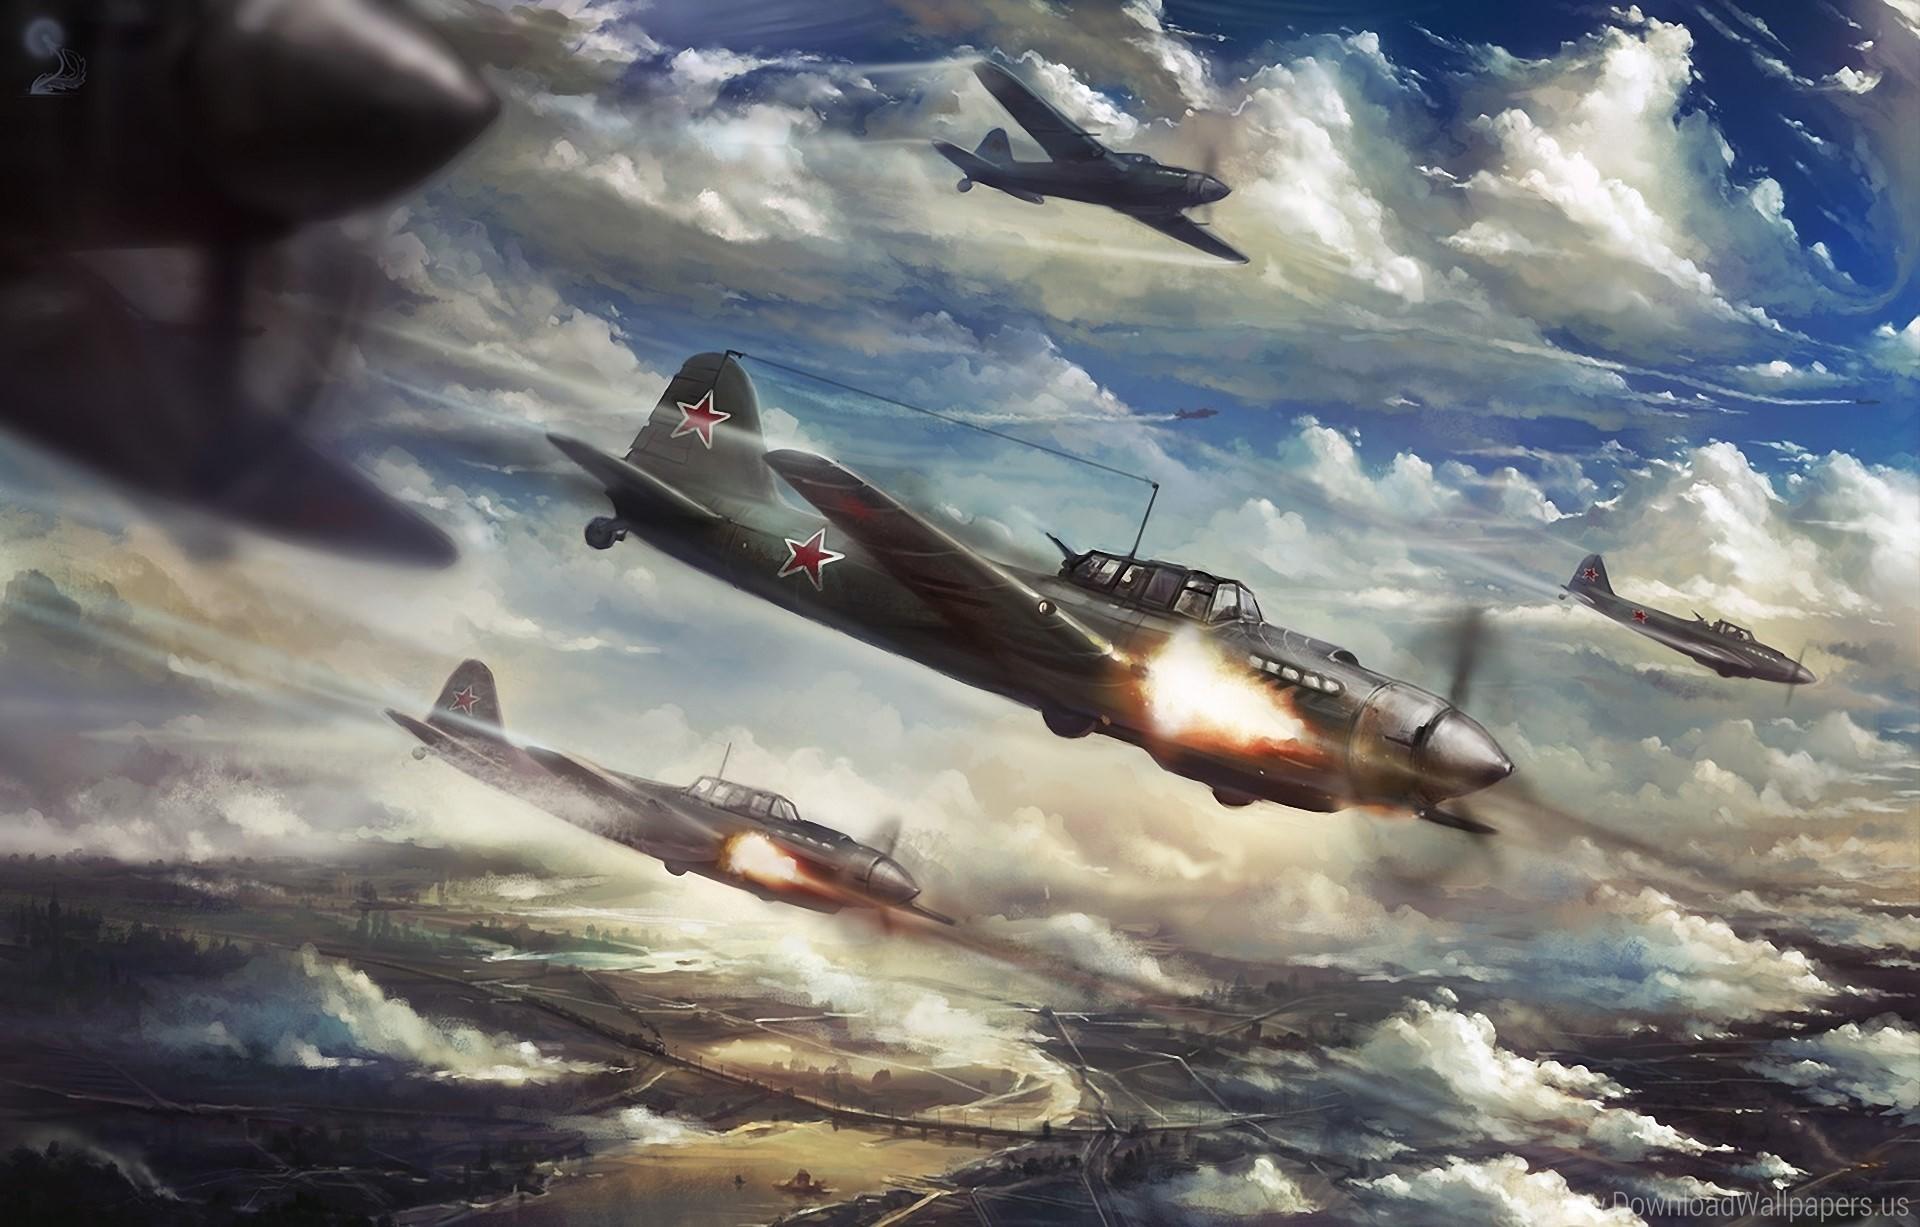 Aircraft, Art, Attack, Attack, Clouds, Fire, Ilyushin Il-2